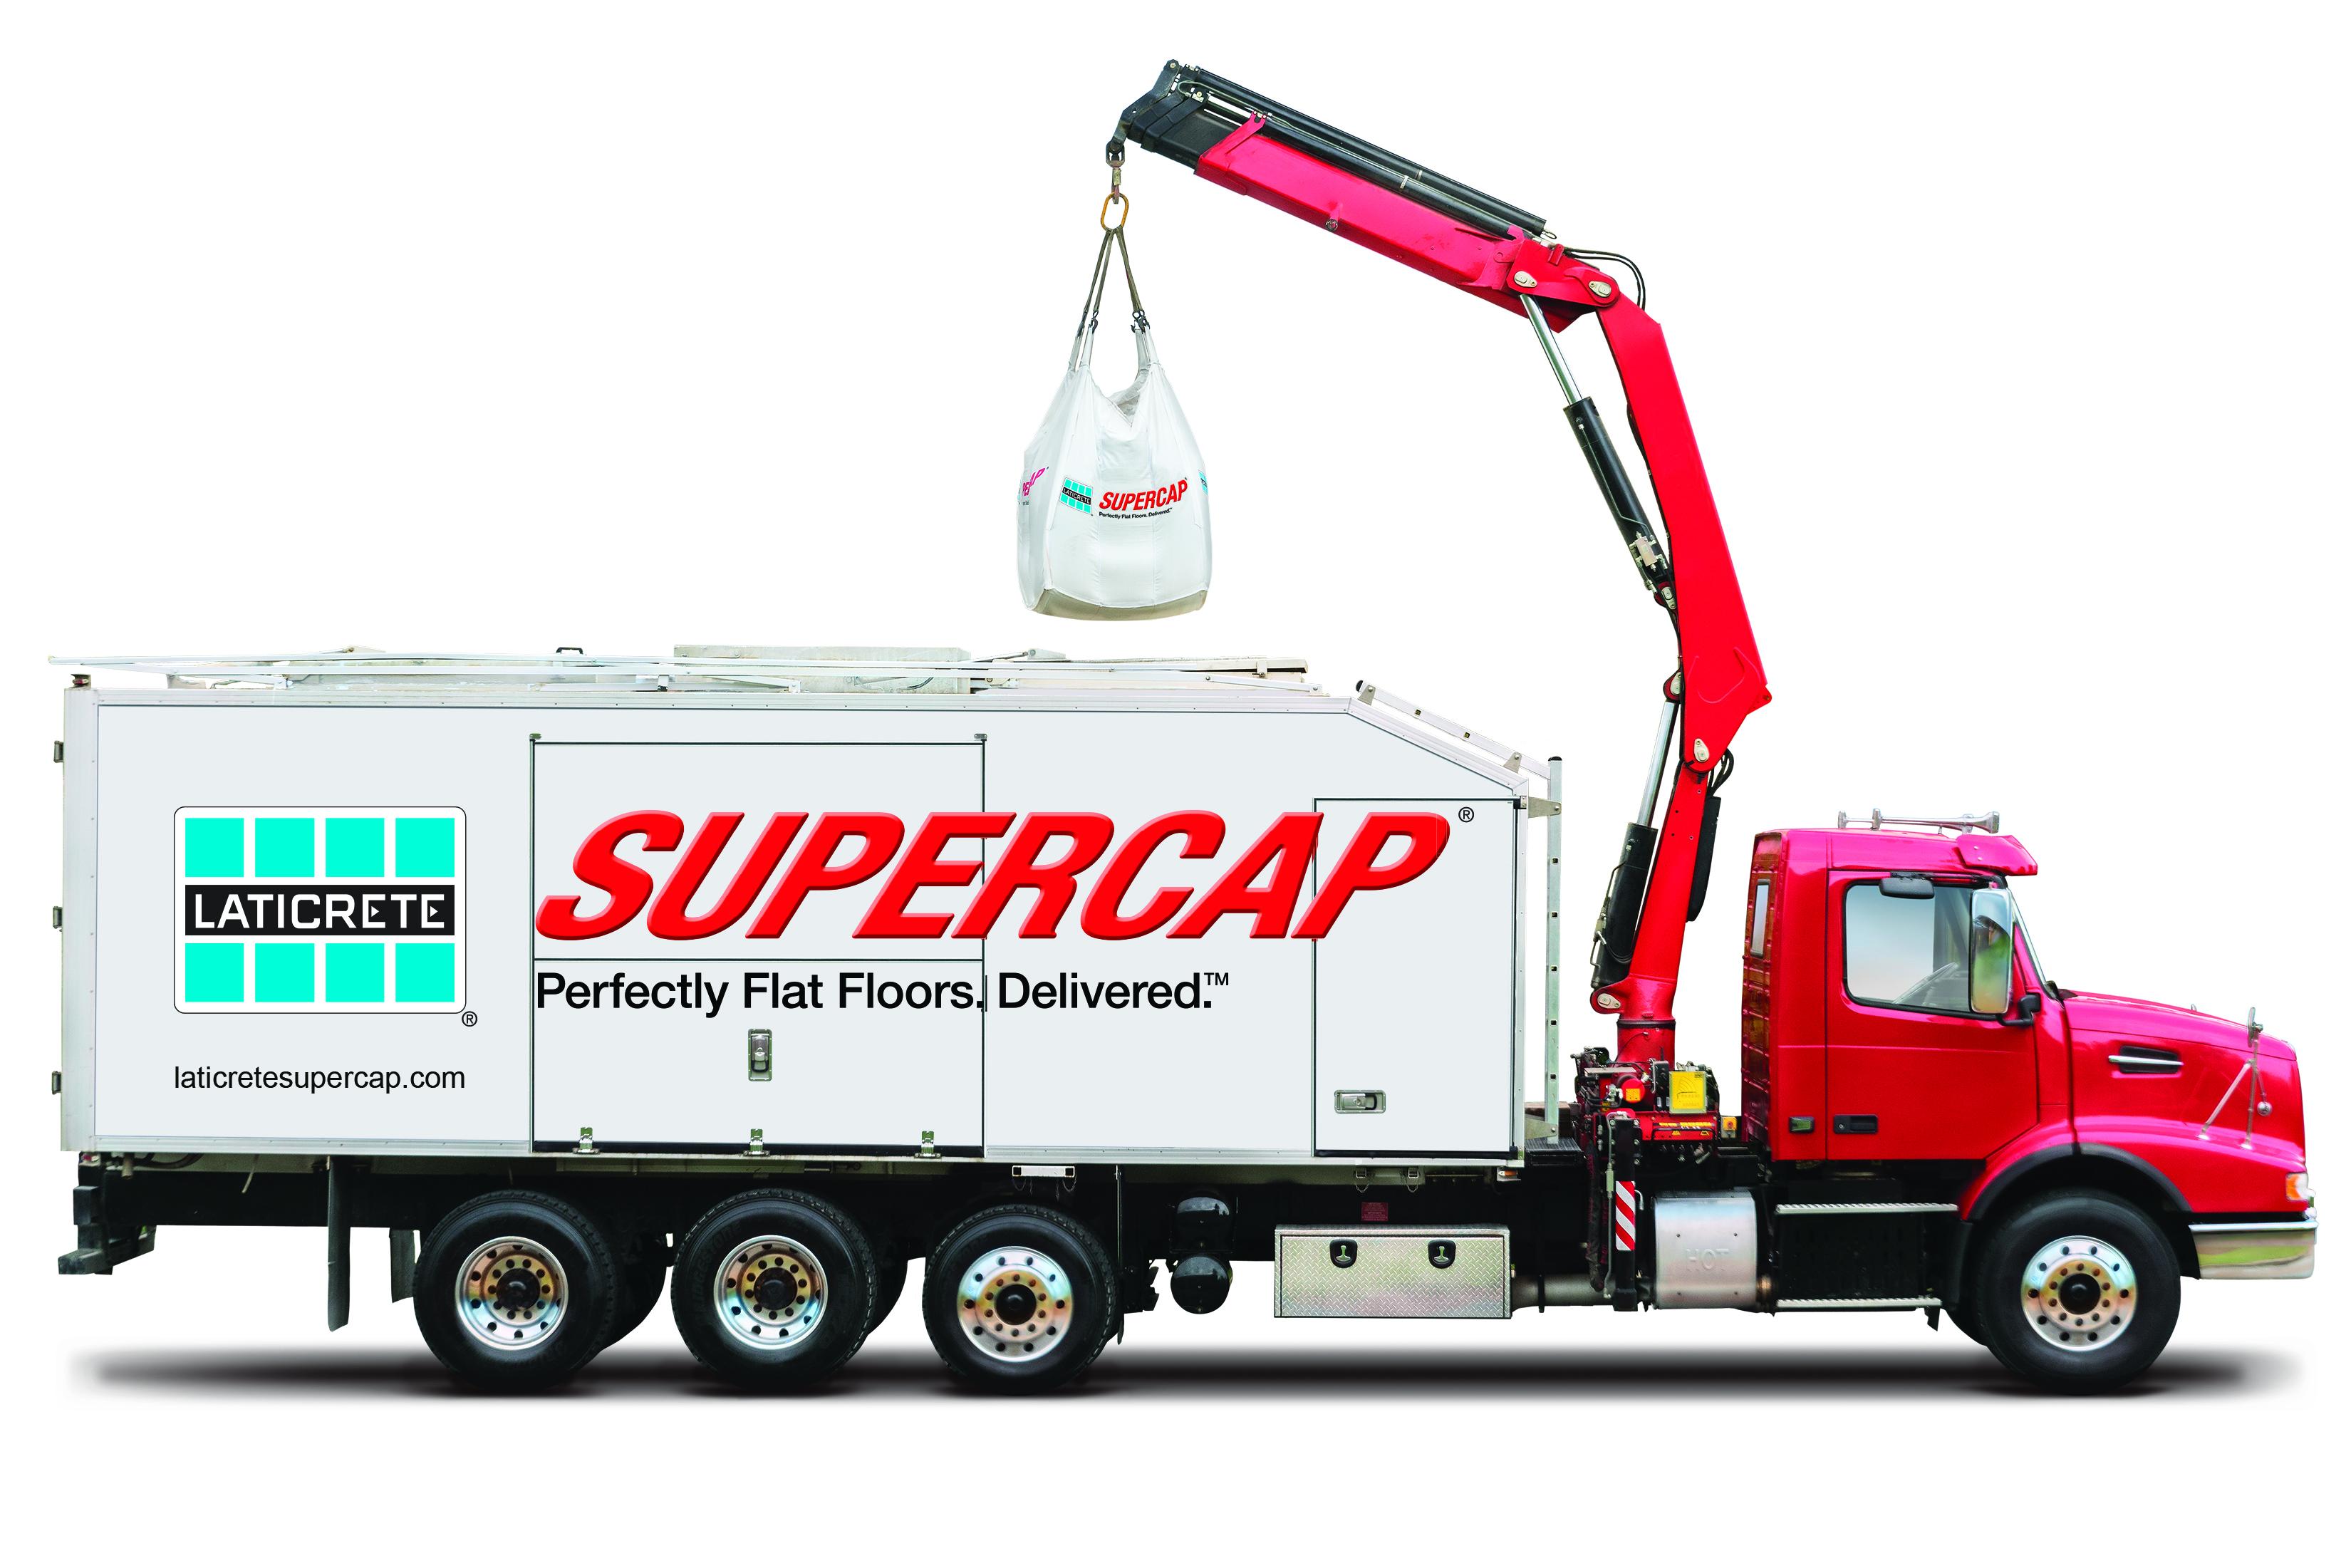 supercap